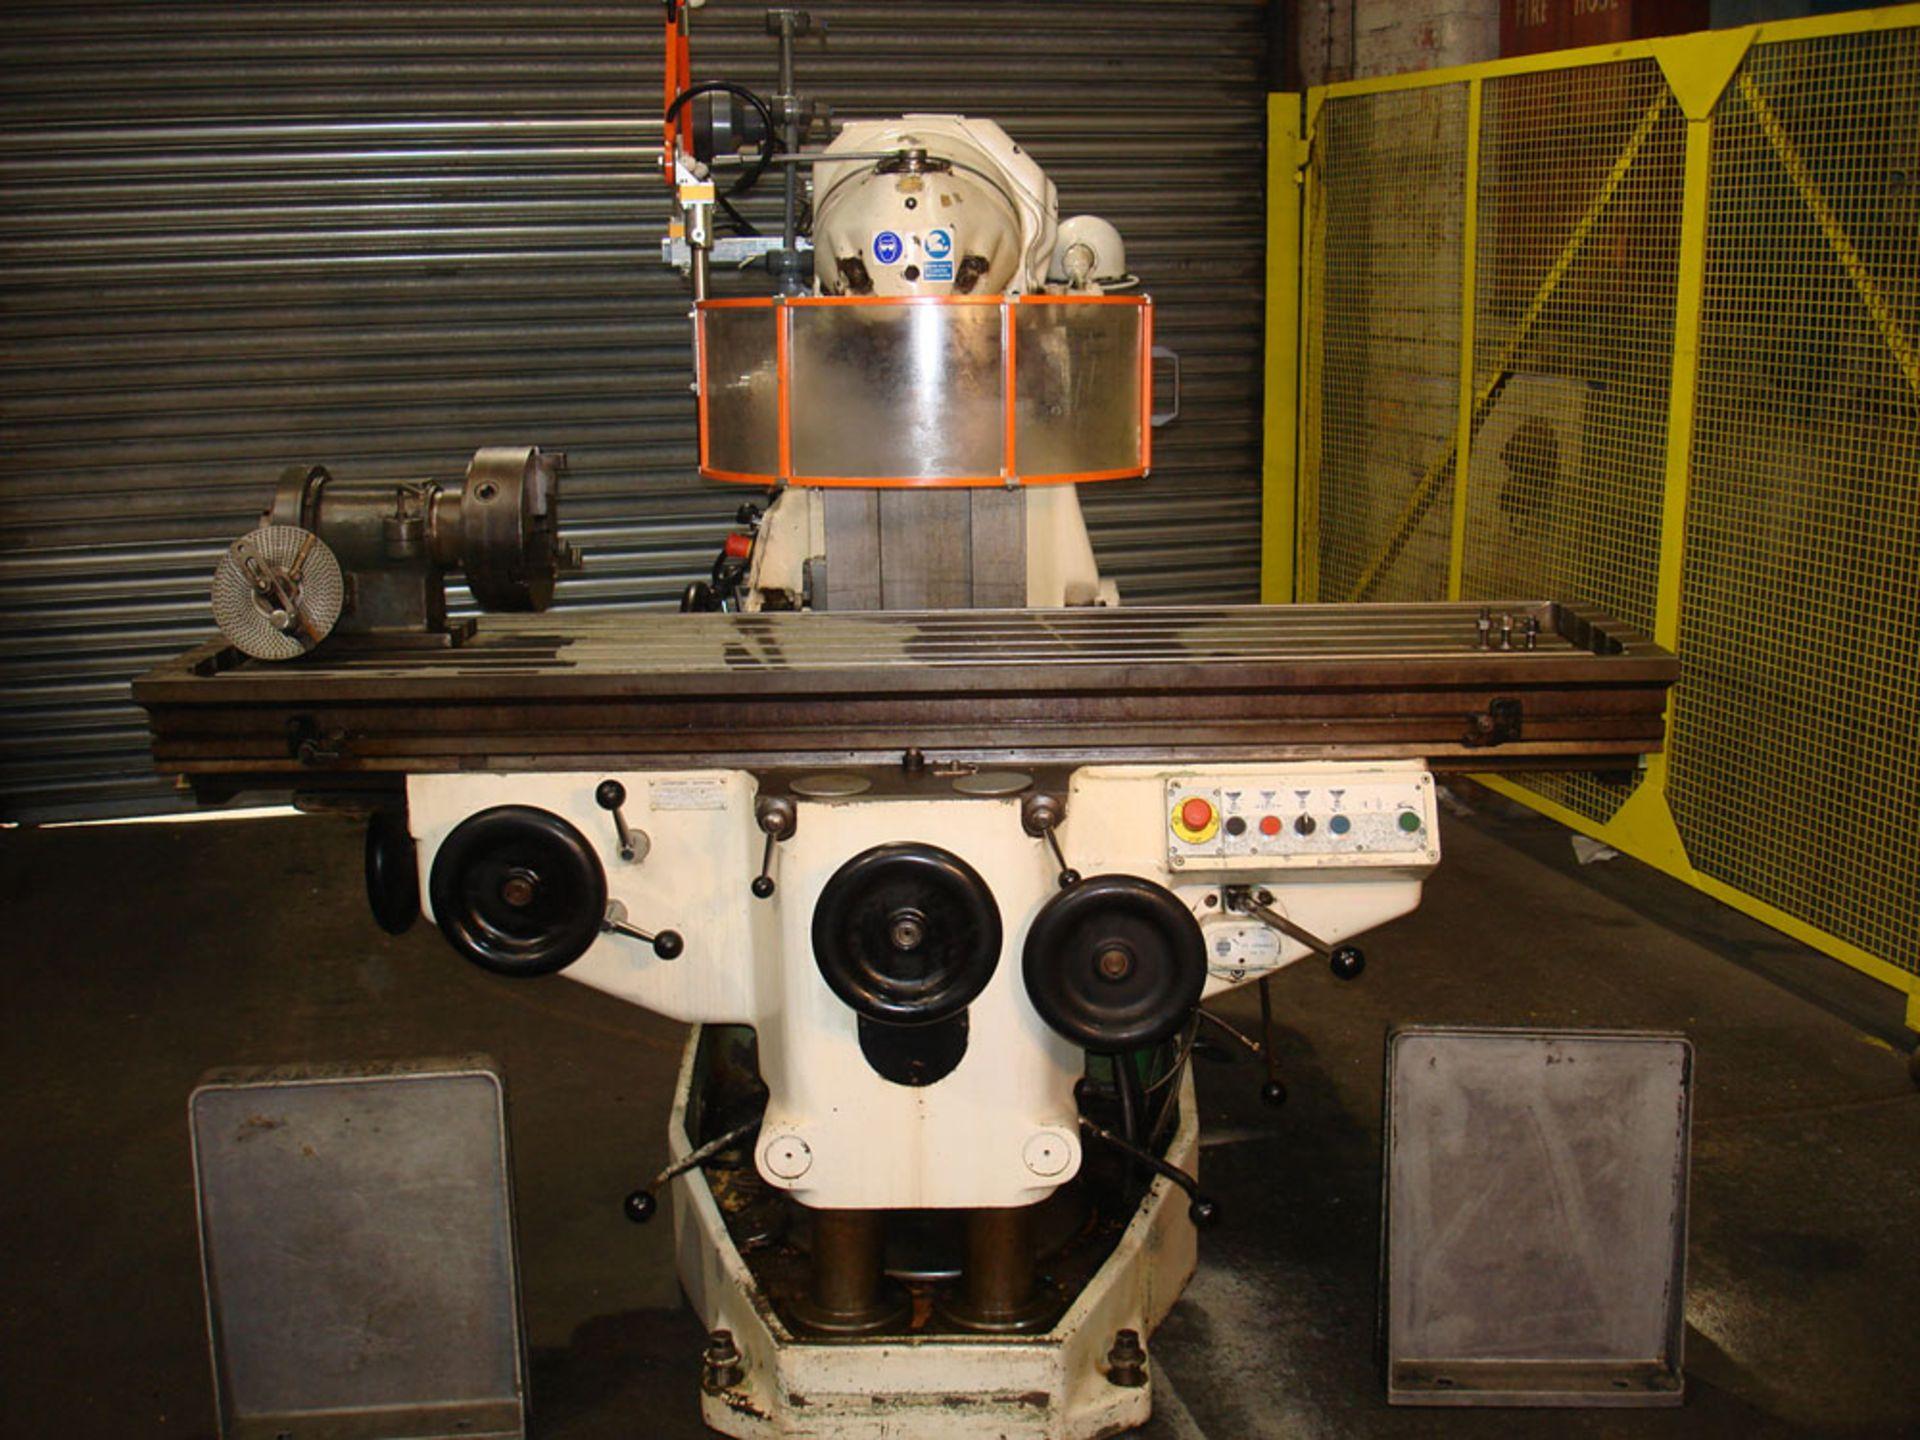 Huron MU6 Universal Milling Machine.